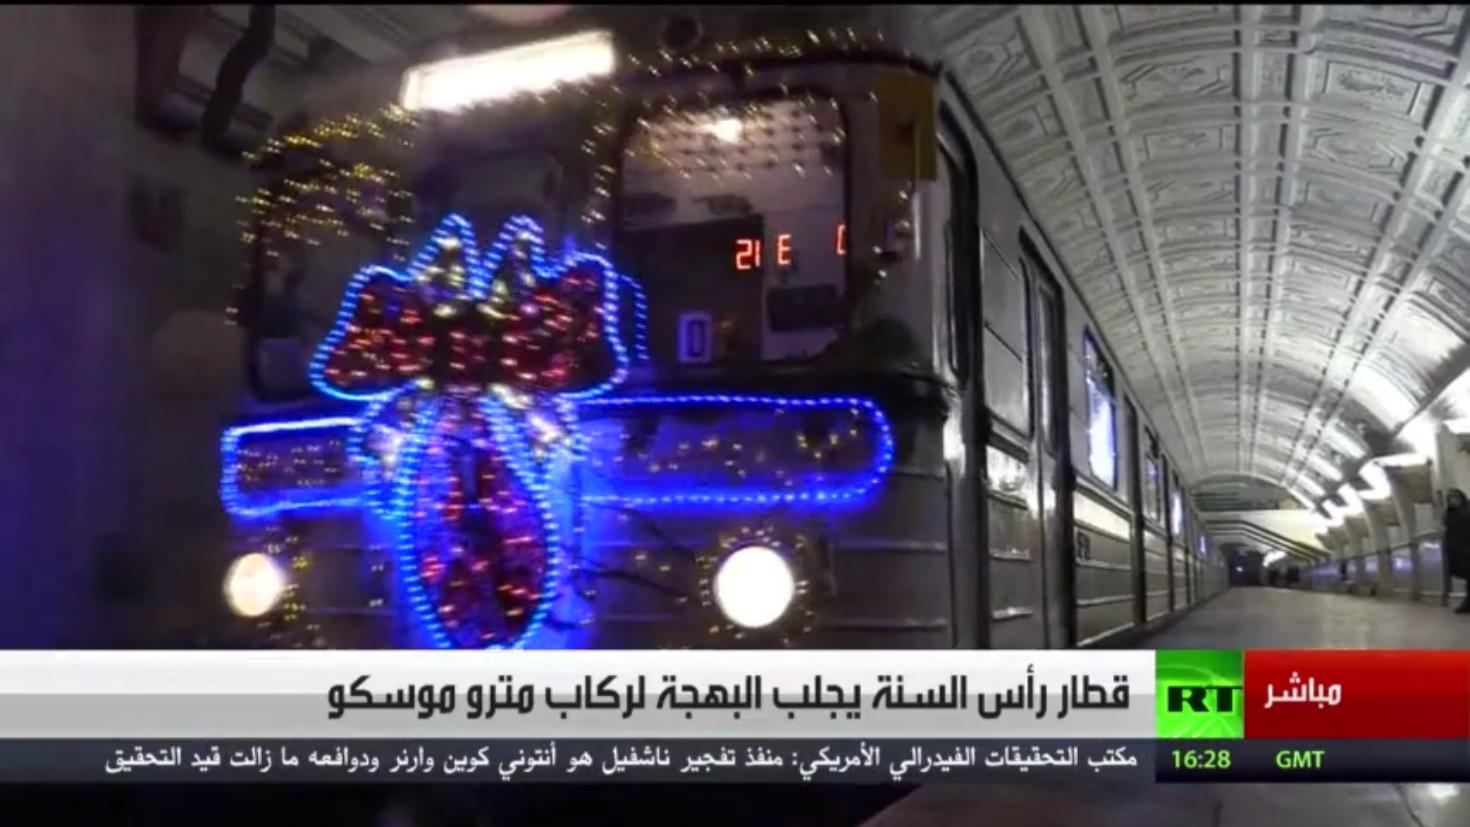 قطار رأس السنة يجلب البهجة لركاب مترو موسكو